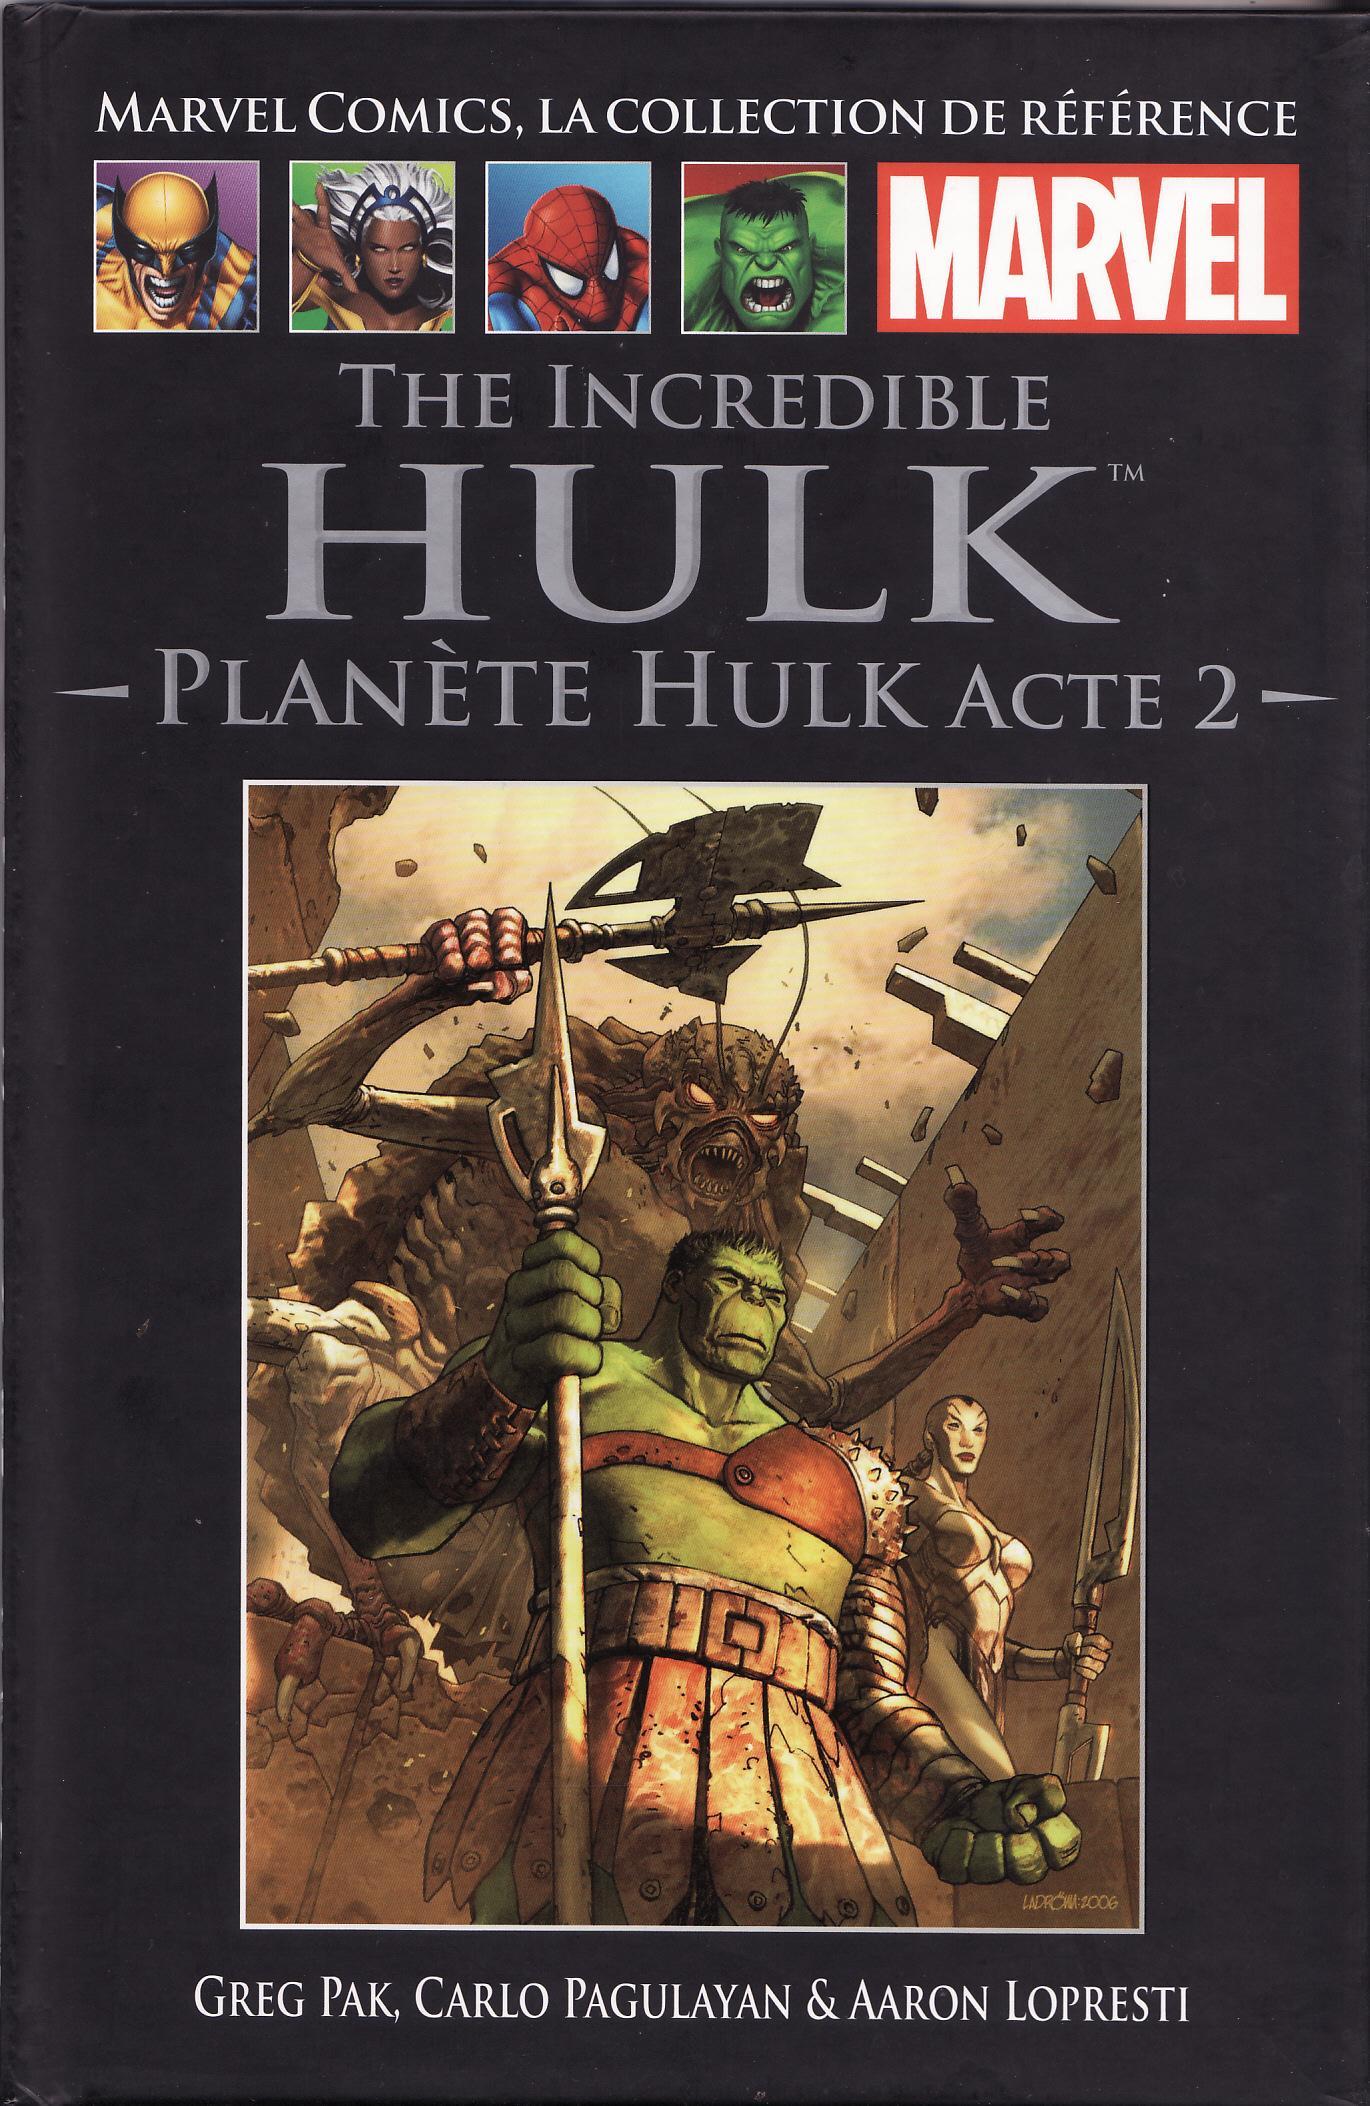 Marvel Comics, la Collection de Référence 19 - The Incredible Hulk - Planète Hulk acte 2